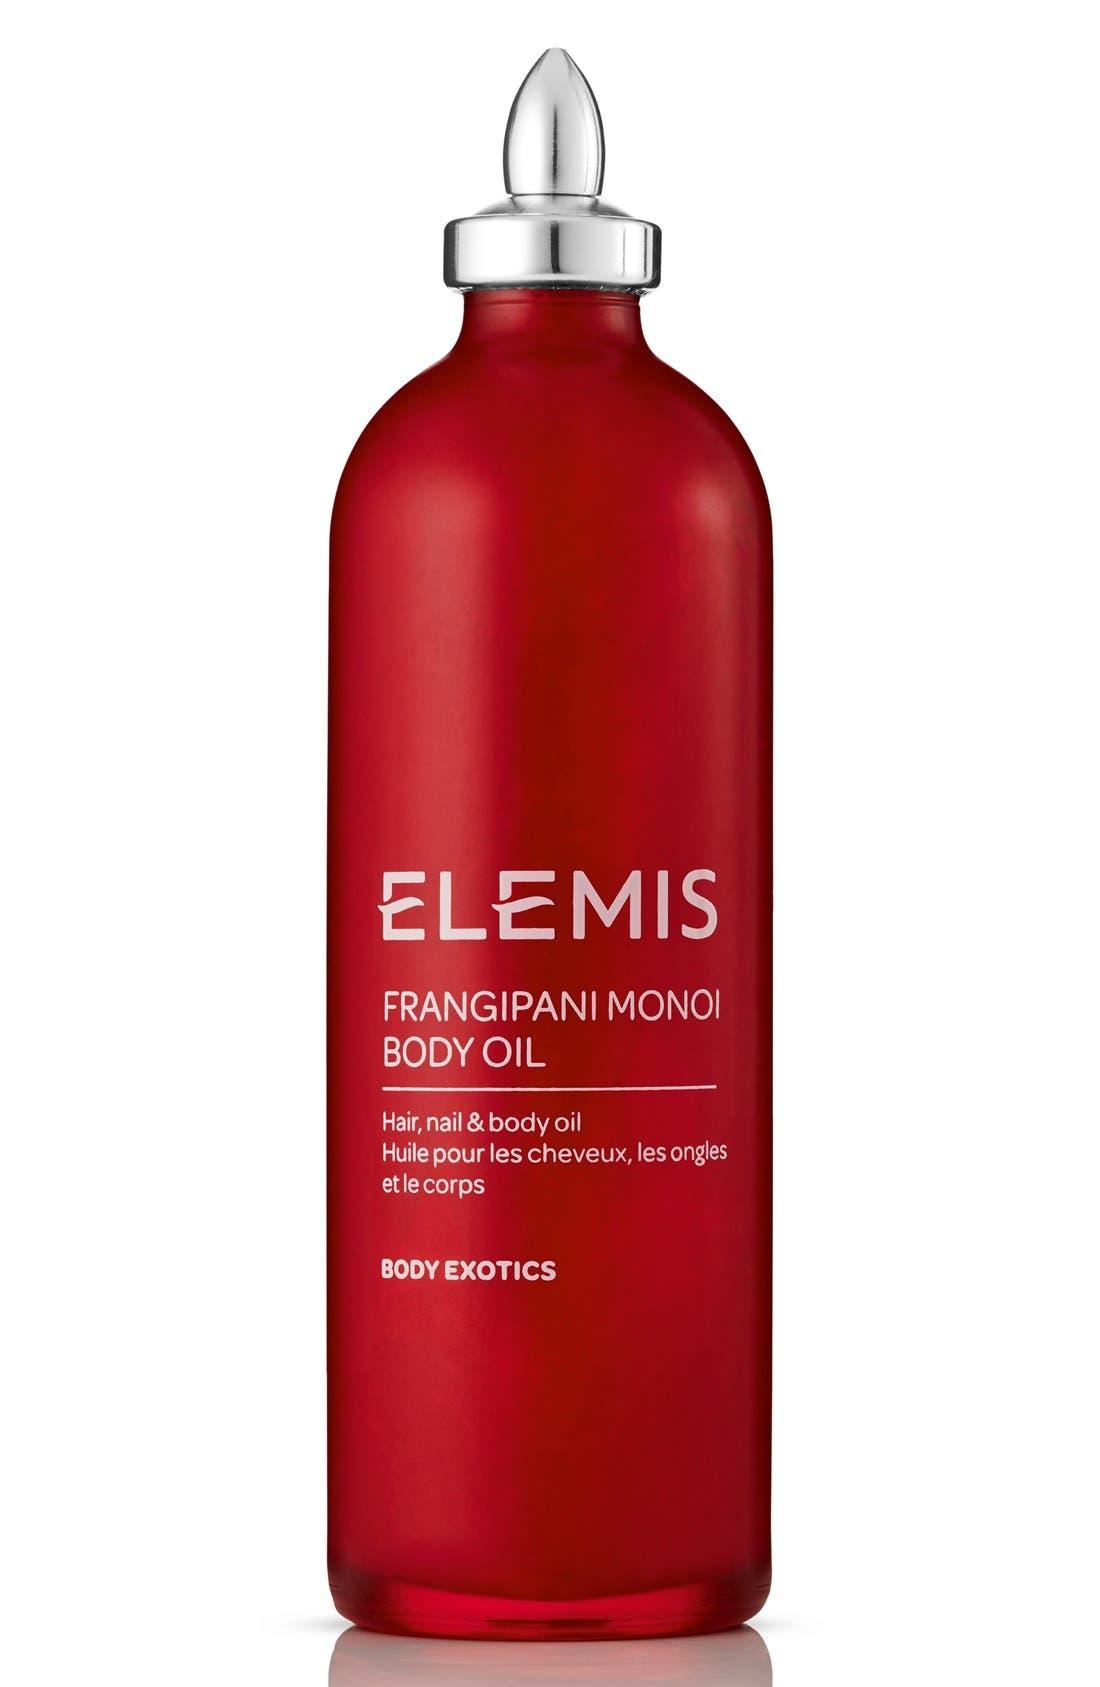 Elemis Frangipani Monoi Body Oil